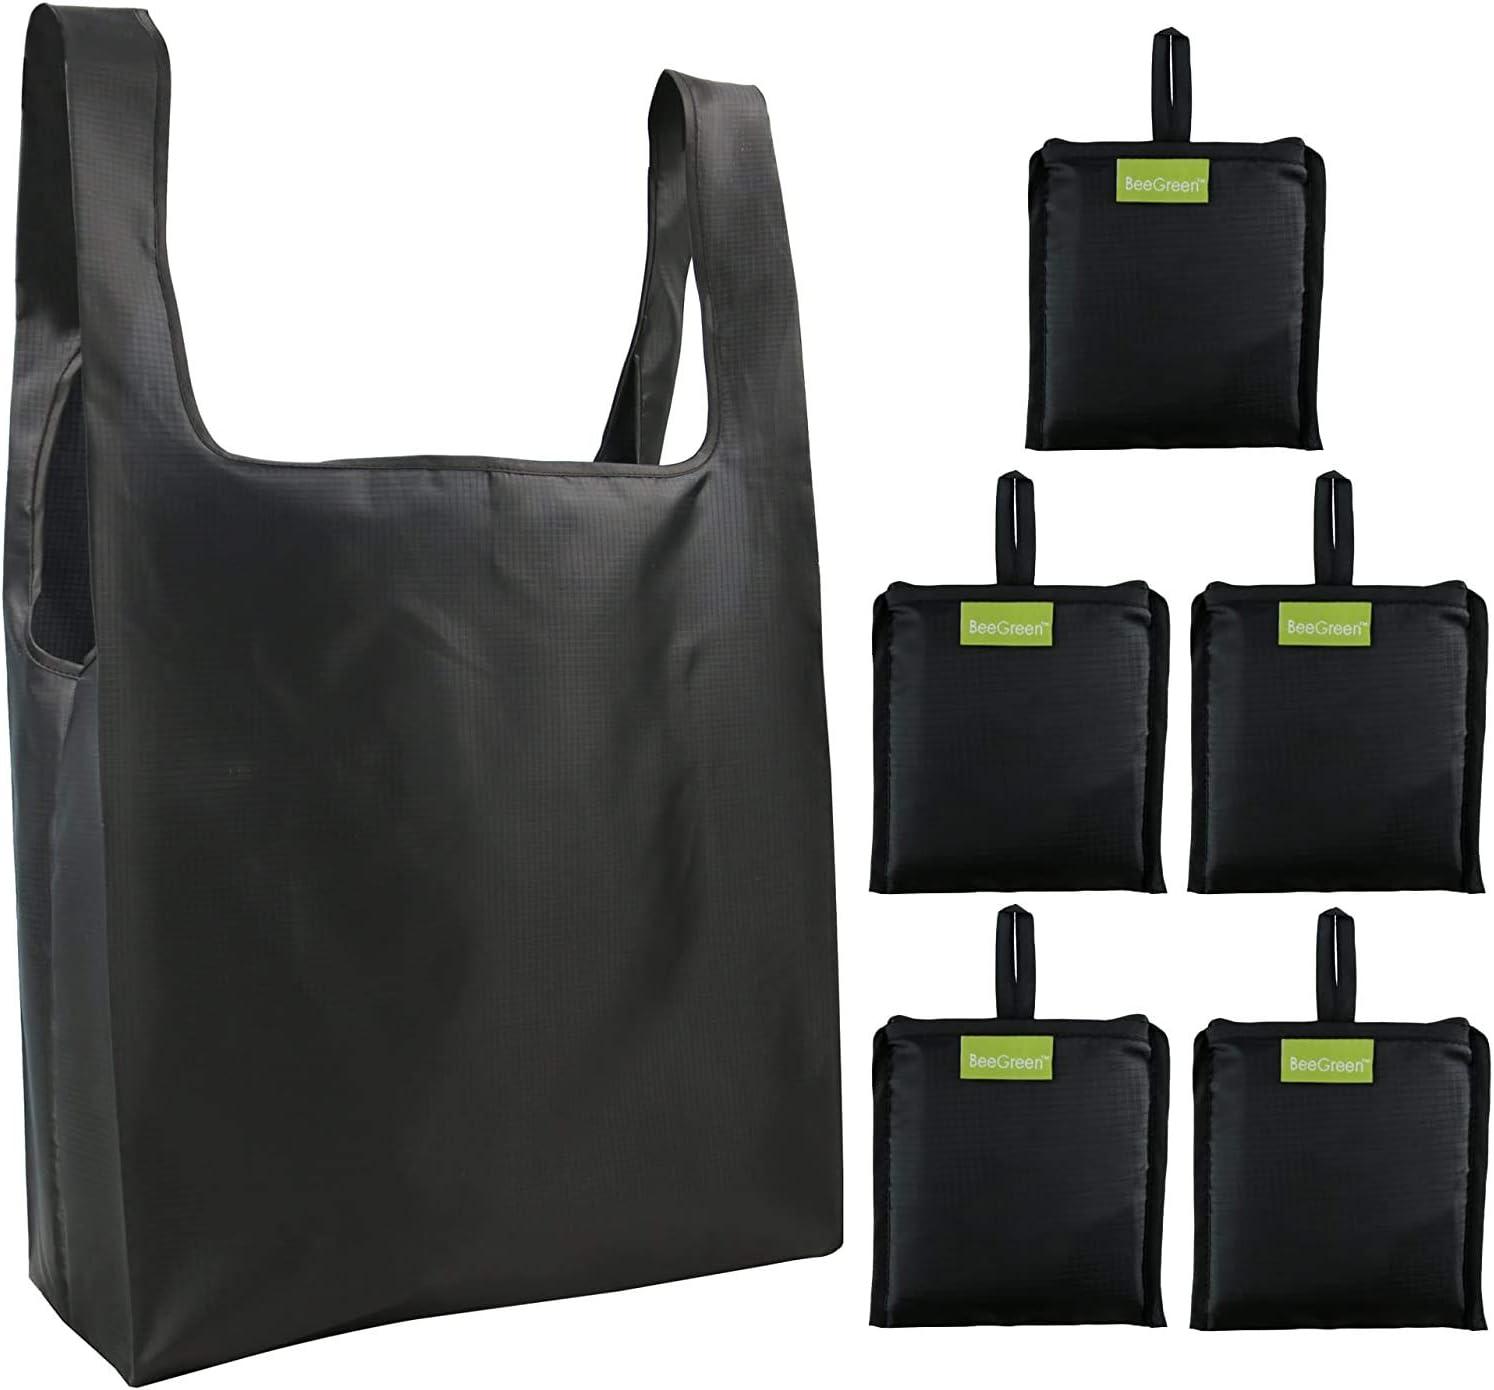 Paquete de 6 Bolsas de Compras Reutilizables Gran Capacidad Duraderas Ligeras Bolsa de Tela para Compra de Comestibles Vegetales INTVN Bolsa de Compras Plegable